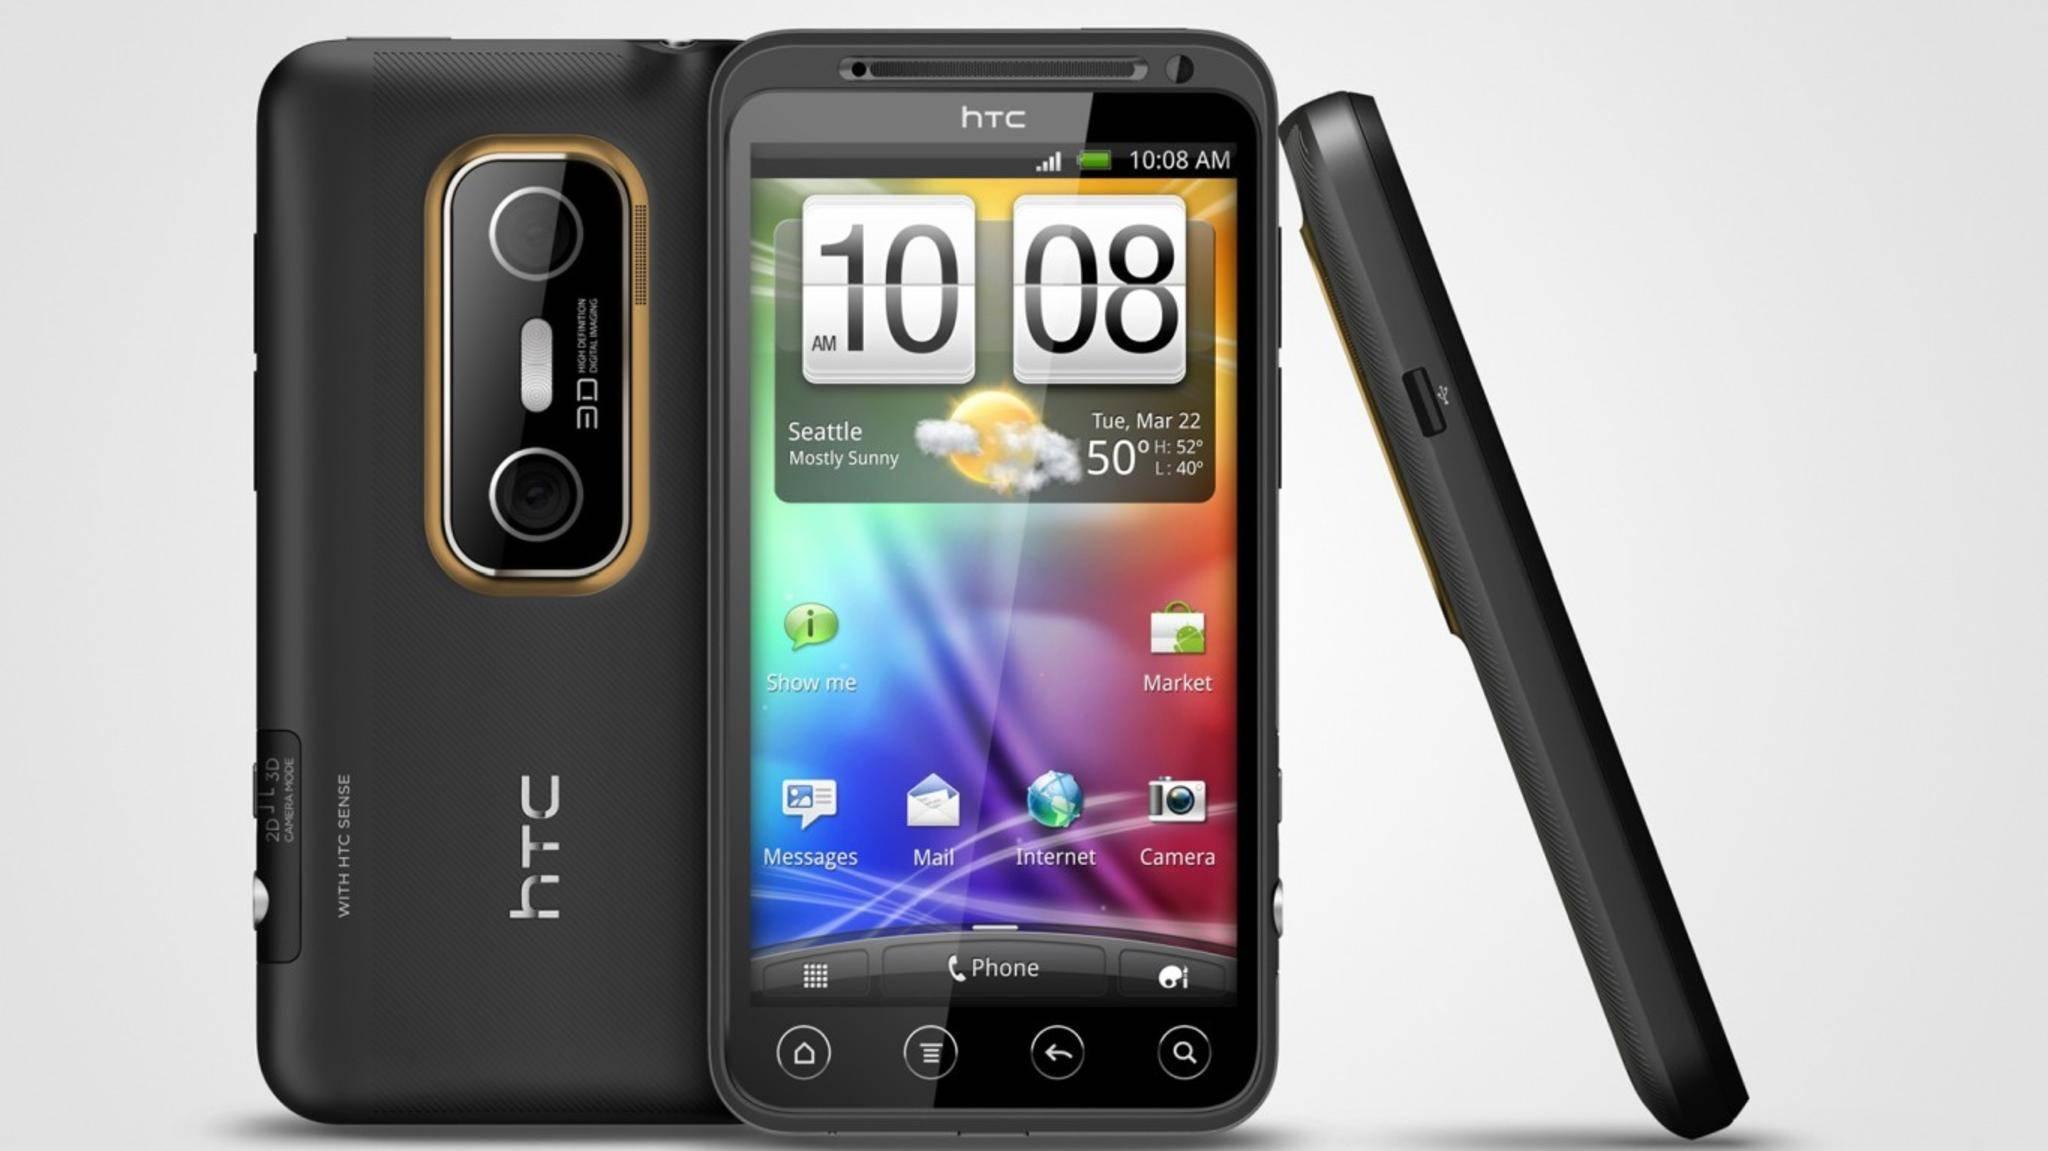 Das HTC Evo 3D war im Jahr 2011 mit Dual-Kamera und 3D-Display eine echte Innovationsbombe.